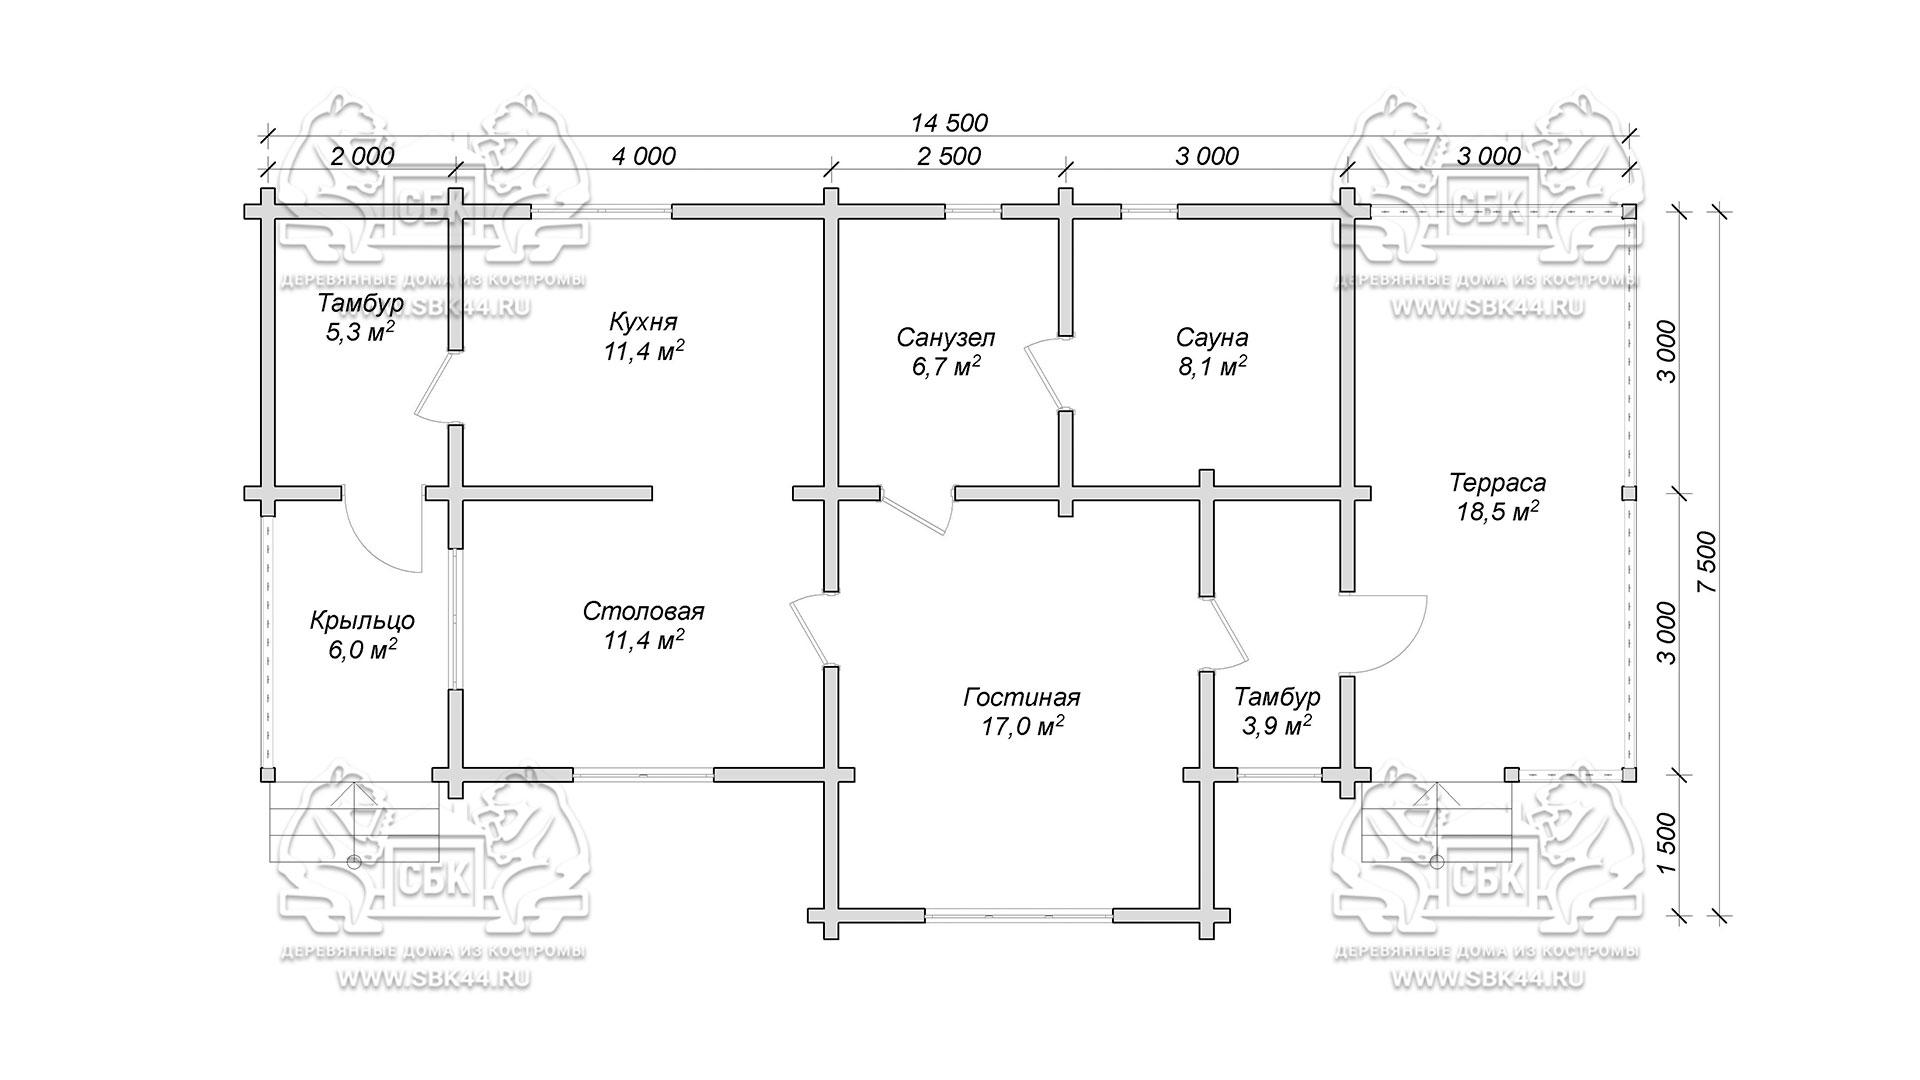 Проект одноэтажного дома из бруса в чашу 14,5 х 7,5 м «Кустово» - с террасой - план 1-го этажа